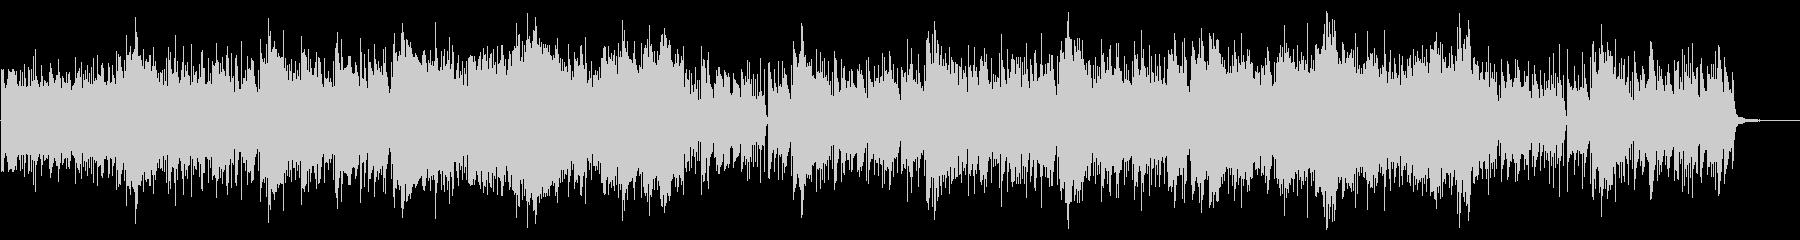 アラビアンな砂漠系ファンタジーBGMの未再生の波形